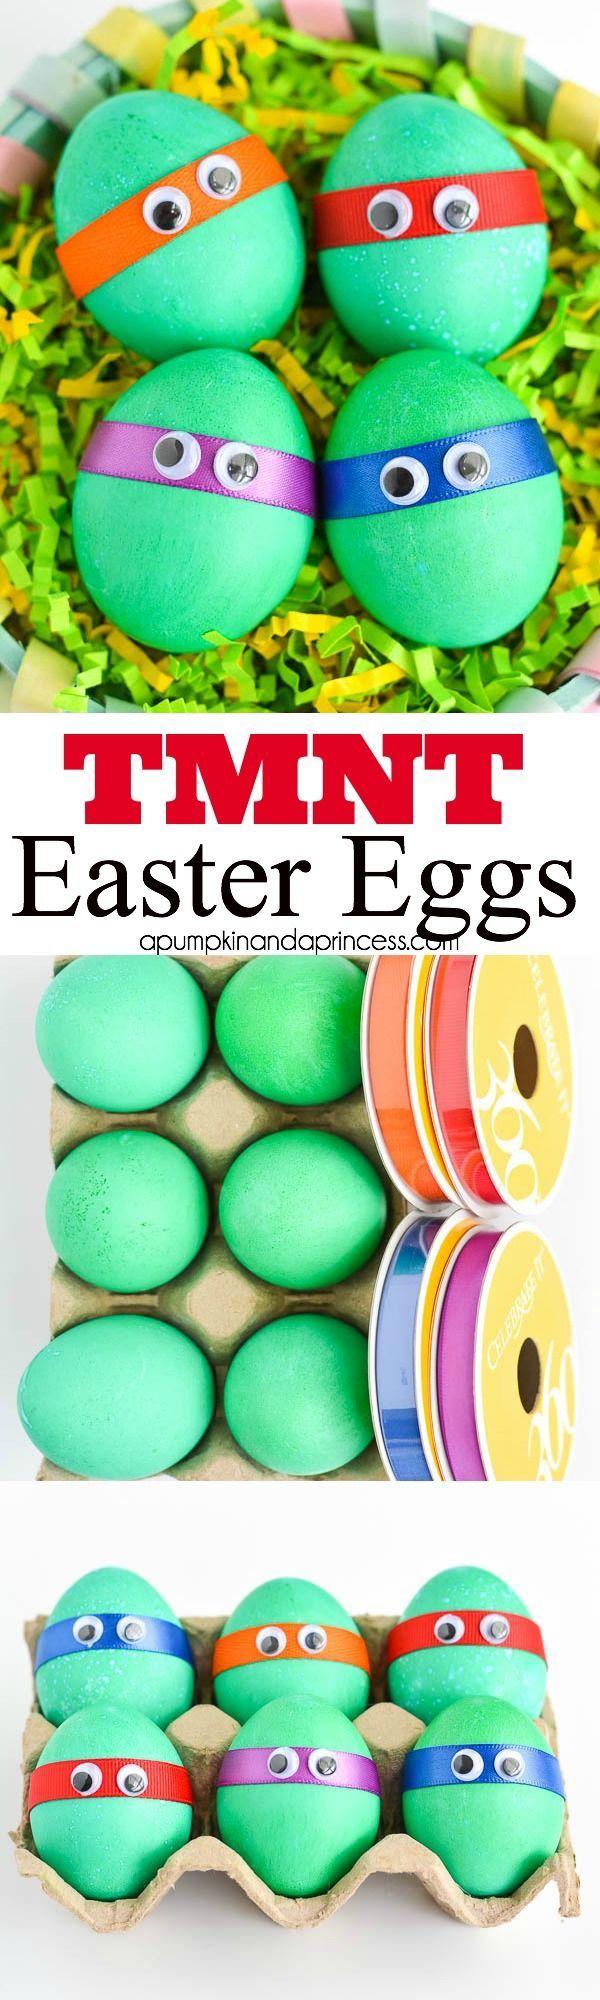 Dyed TMNT Easter Eggs Teenage Mutant Ninja Turtle green Easter eggs